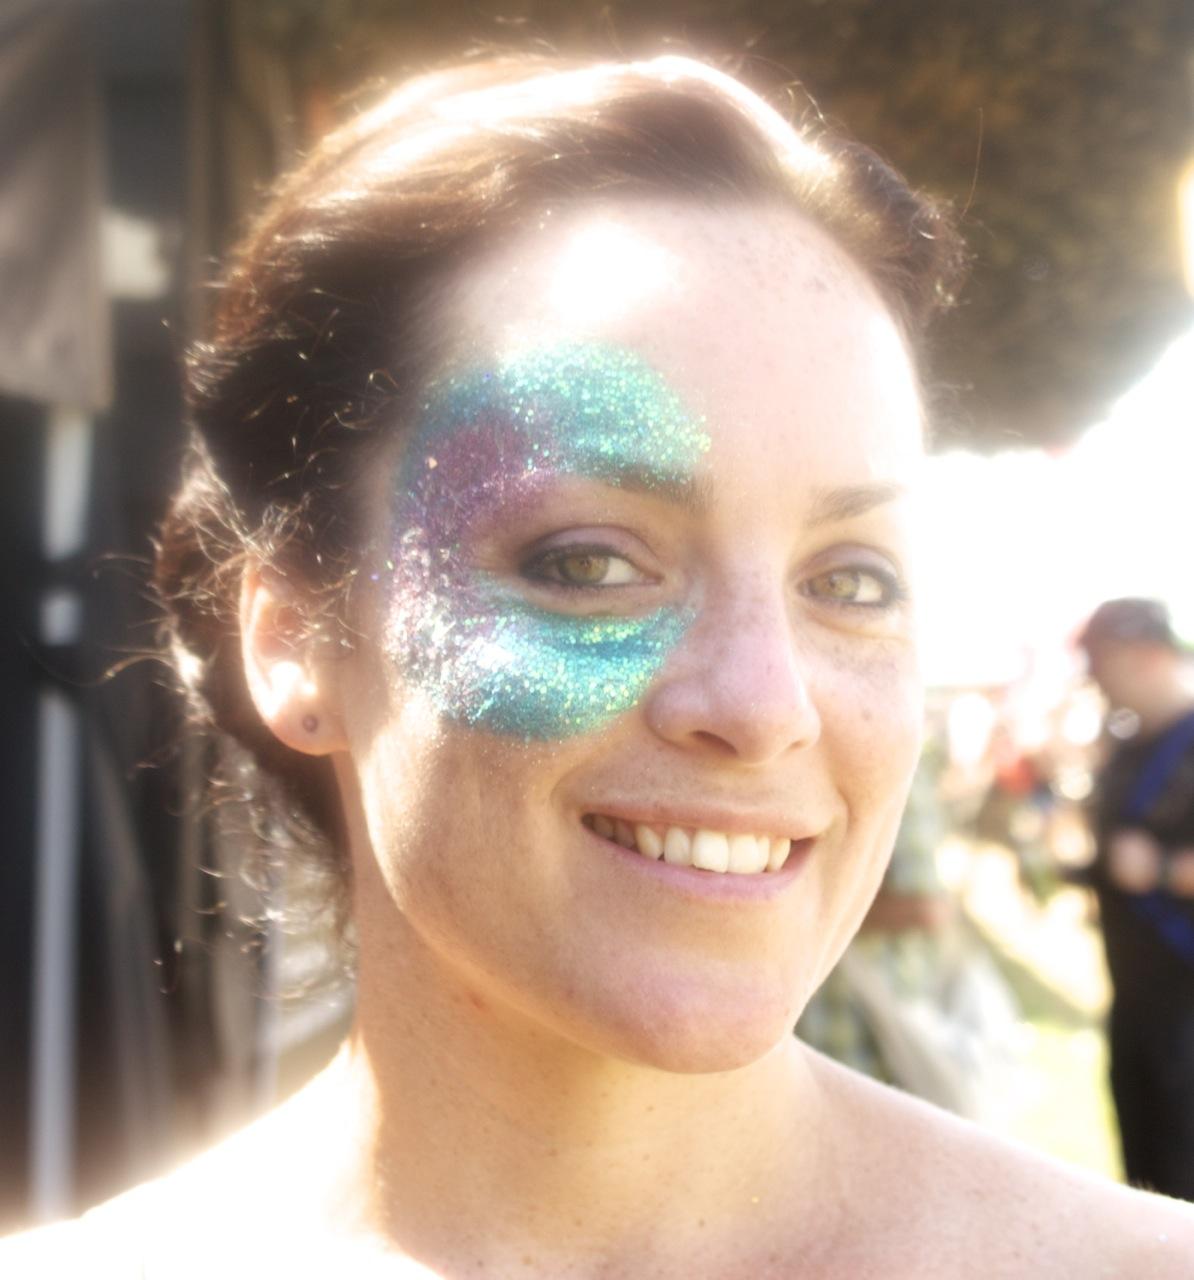 Vanity van Glitter makeovers